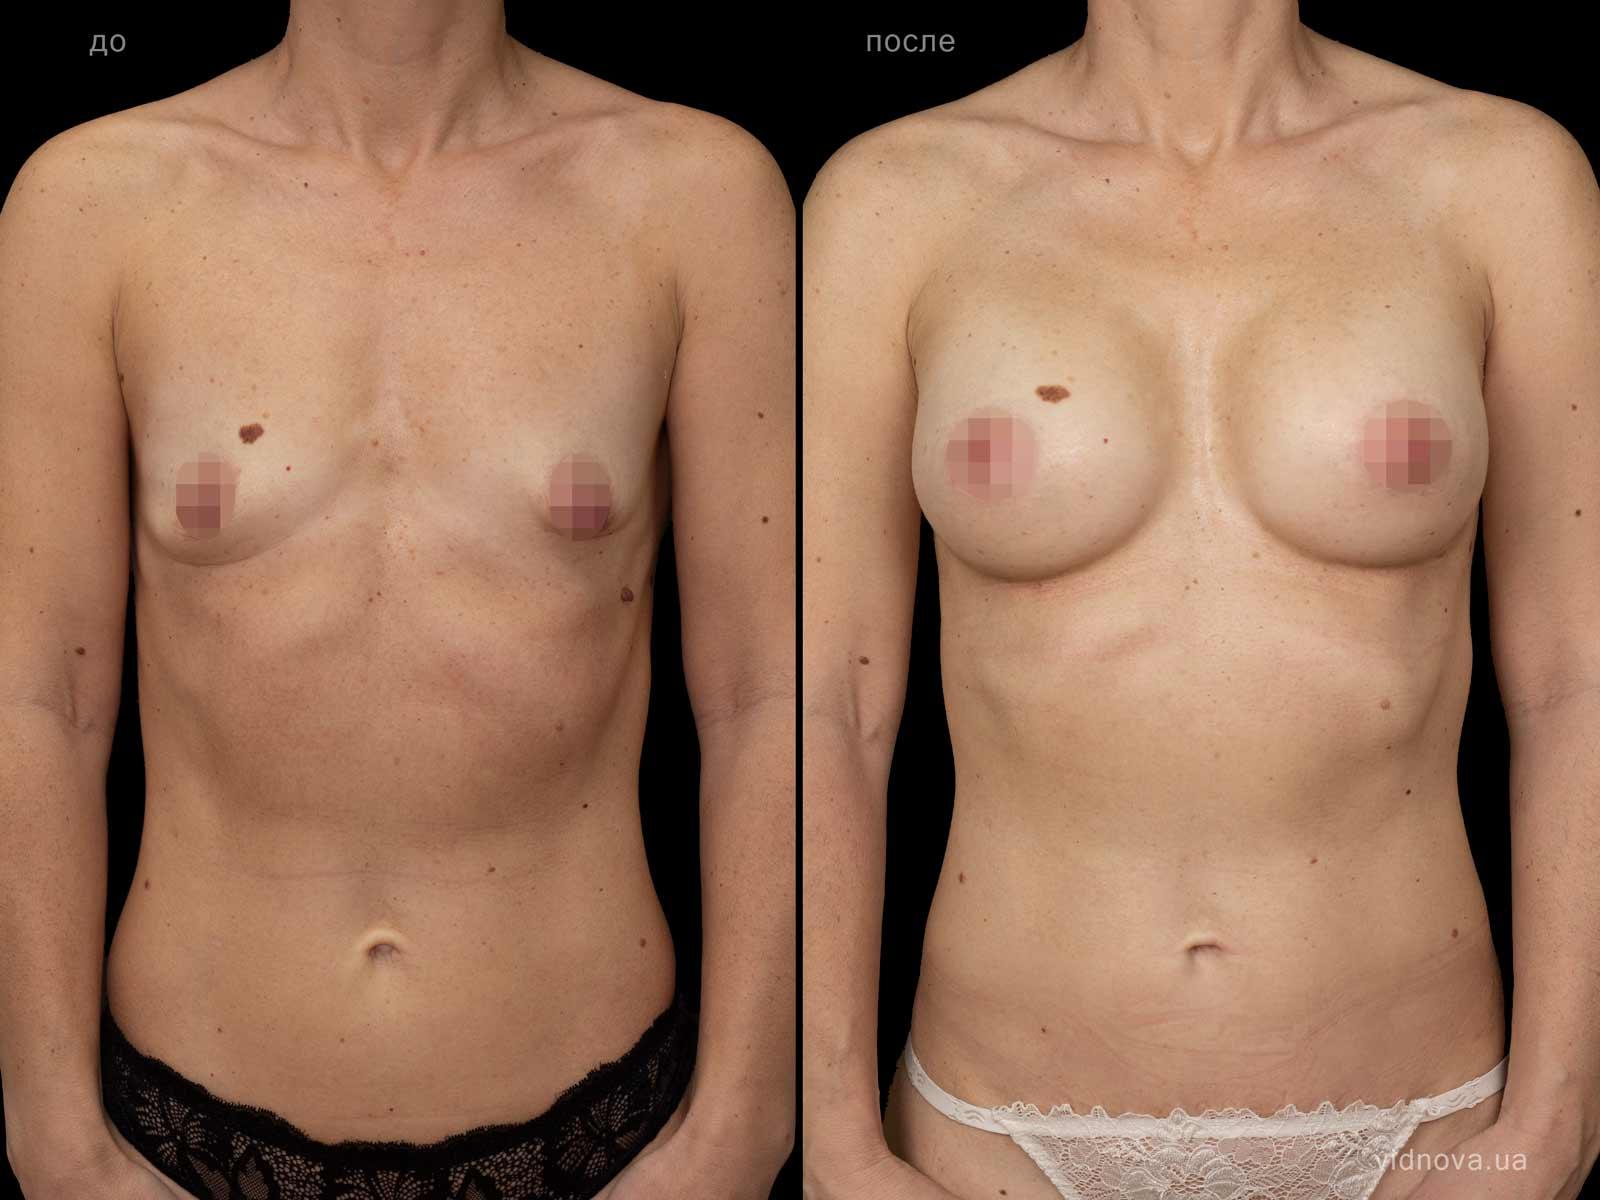 Пластика груди: результаты до и после - Пример №83-0 - Светлана Работенко